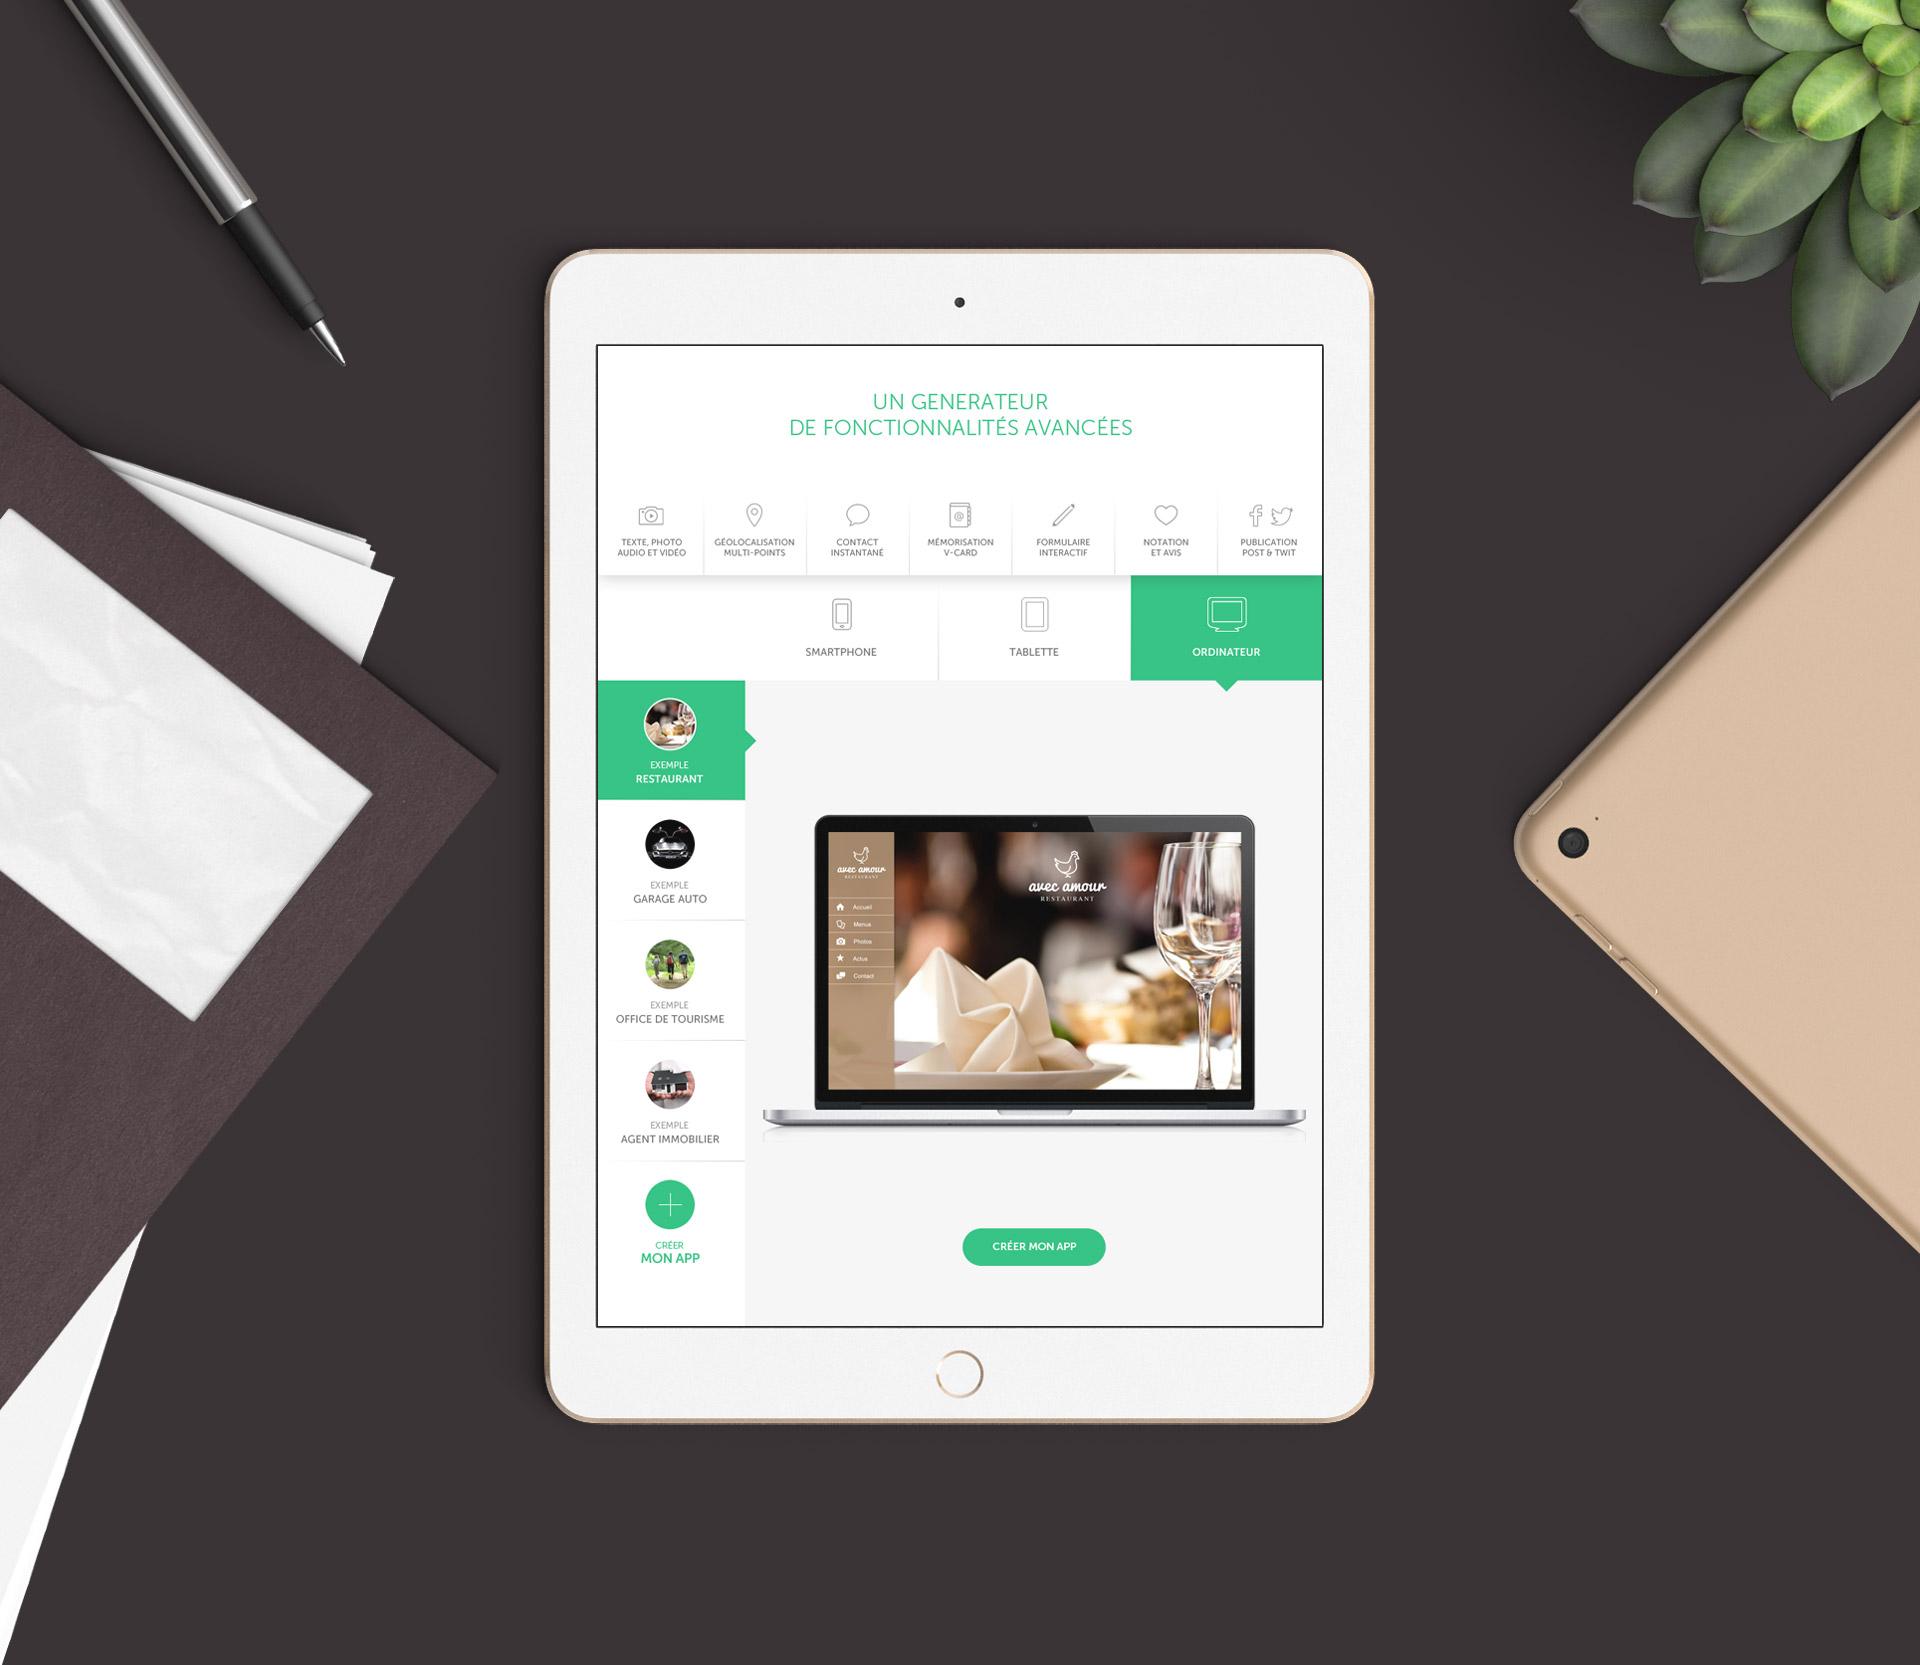 Création du webdesign du module d'aperçu et visualisation de l'application webapp